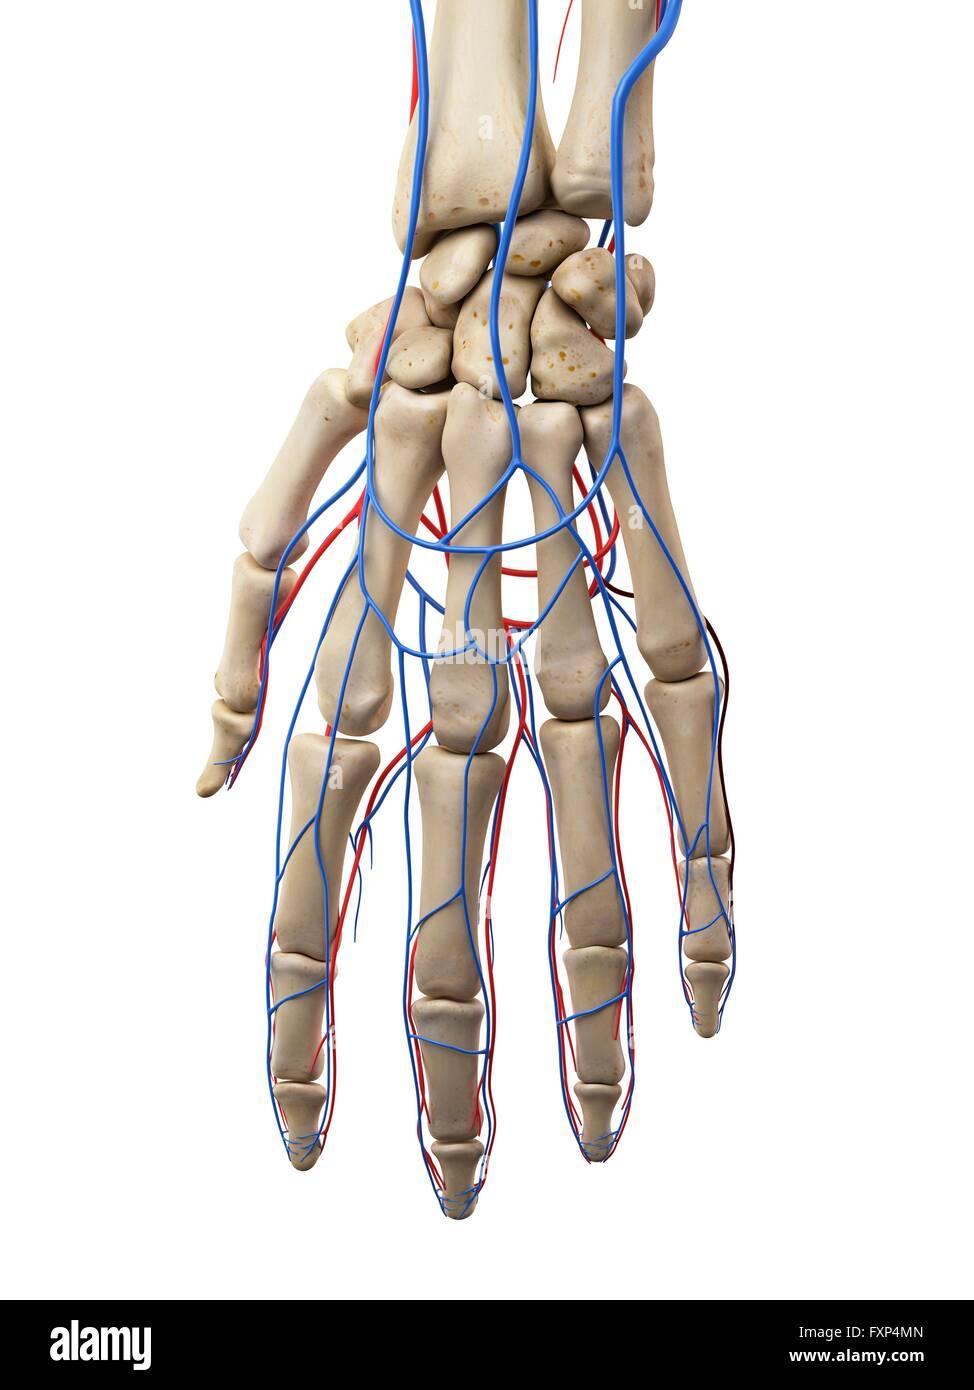 Menschliche Hand Venen und Arterien, Computer Bild Stockfoto, Bild ...